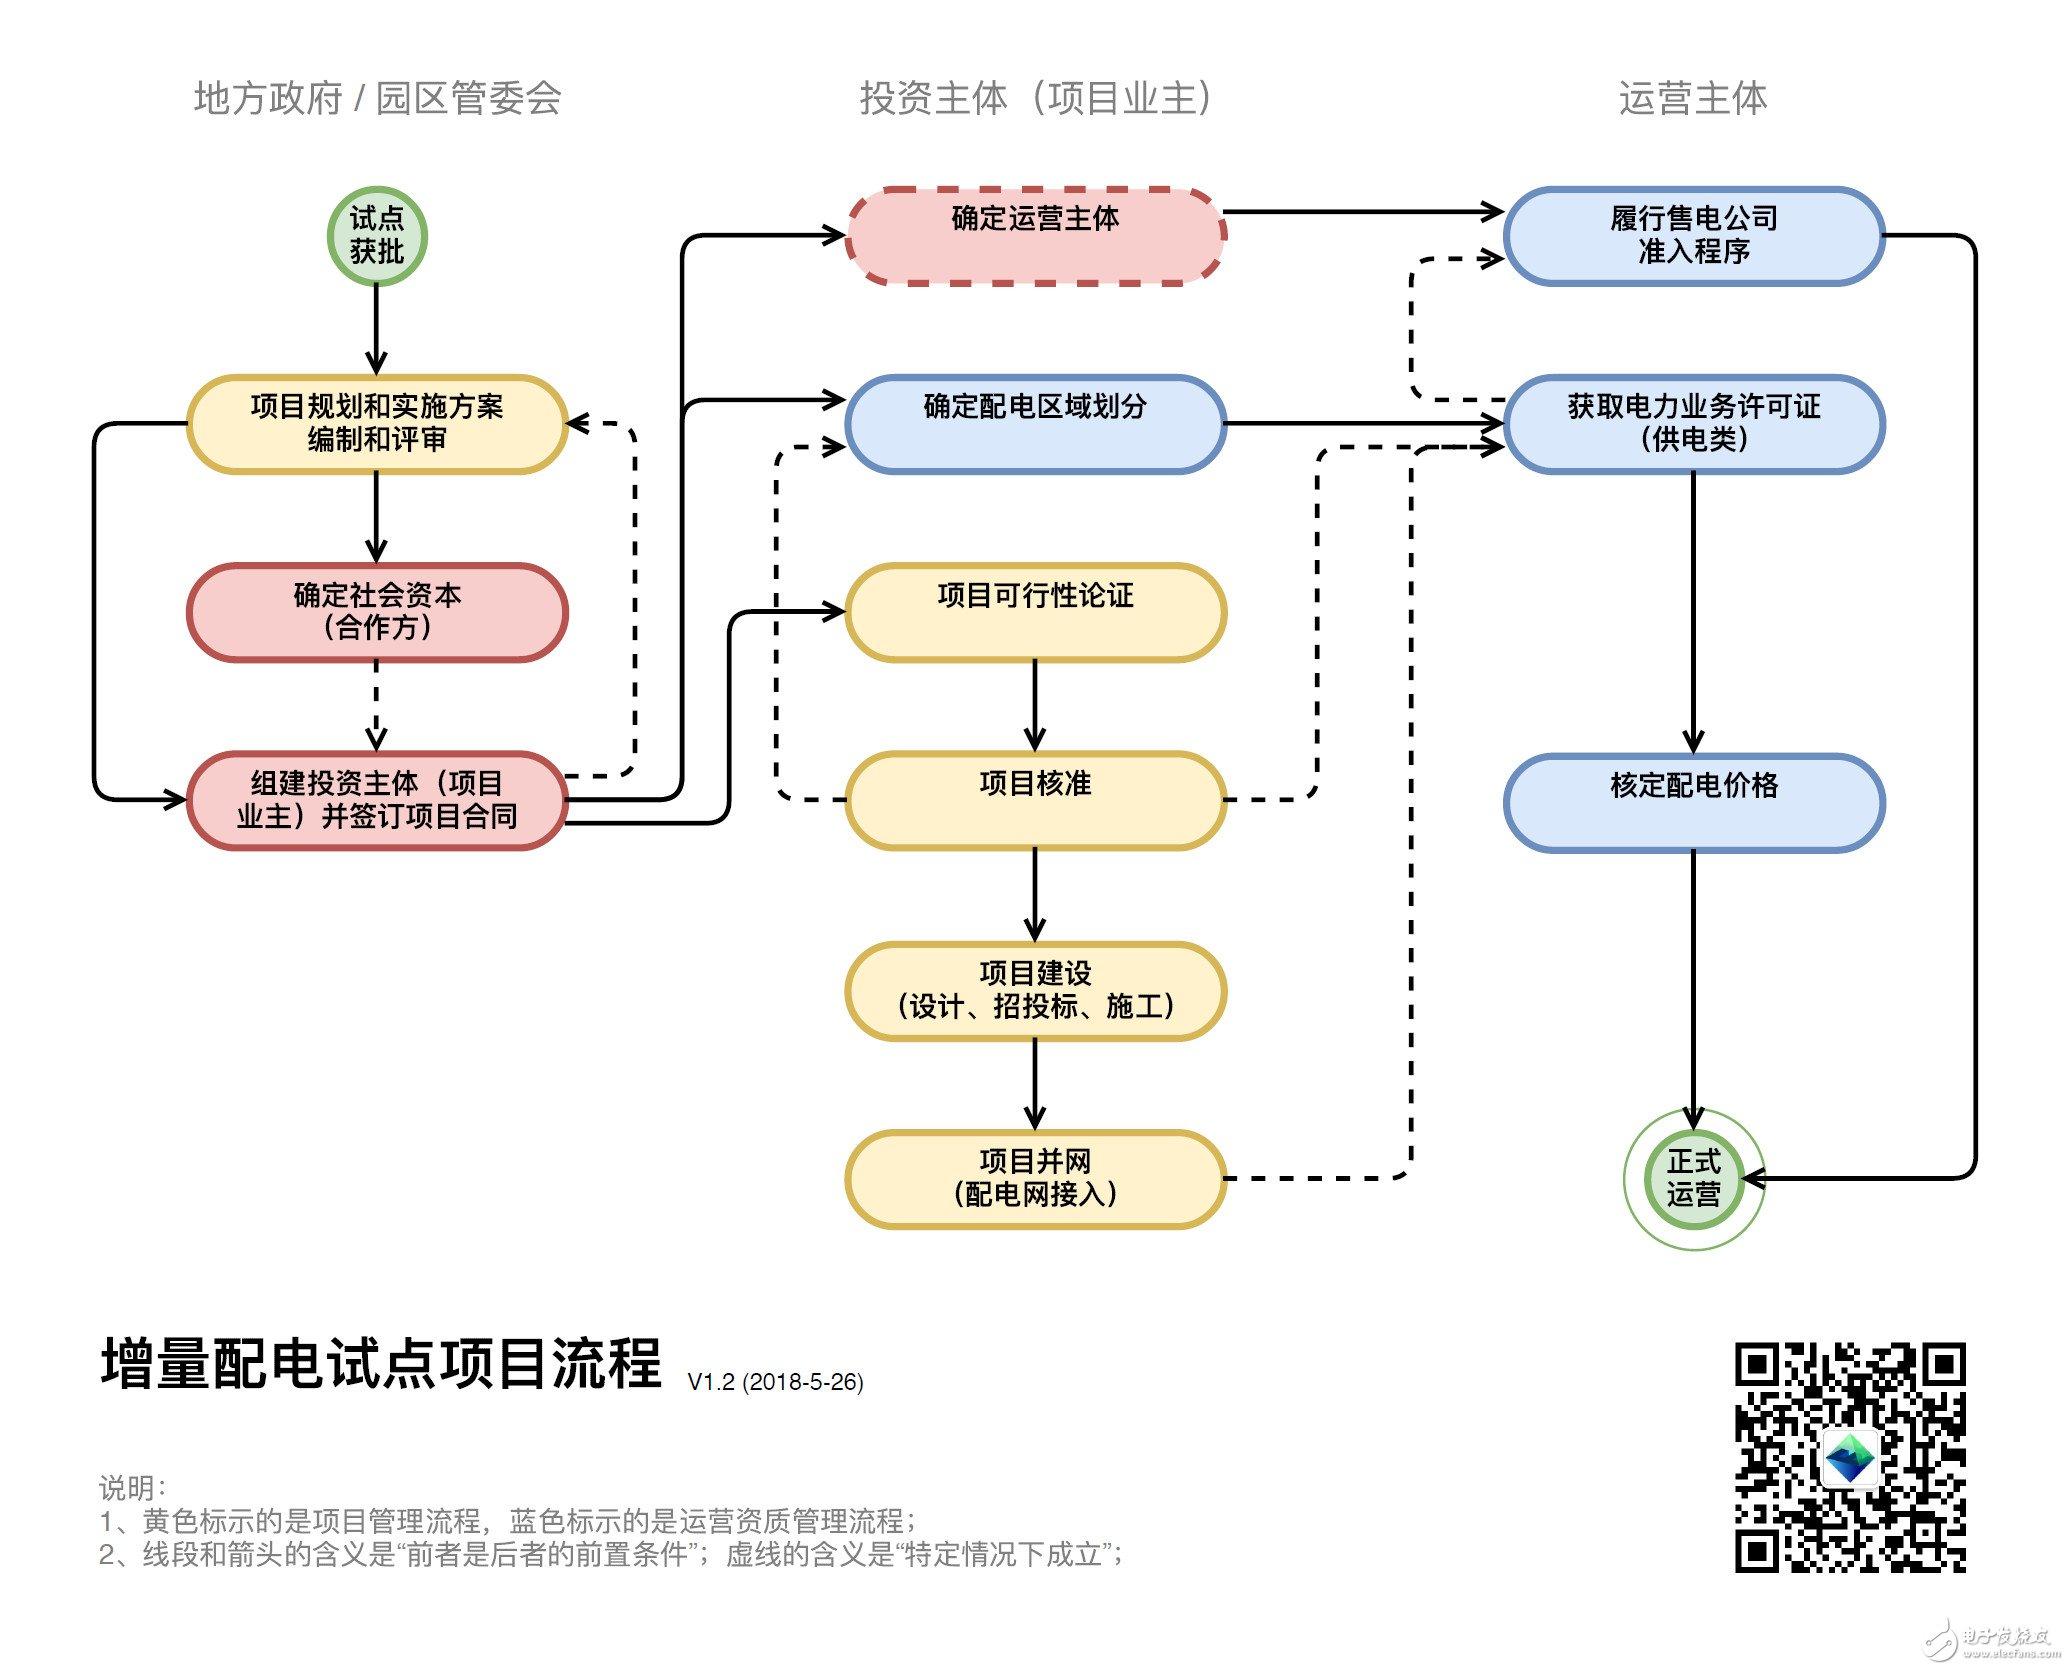 增量配电试点项目落地前需要开展的工作流程划分图